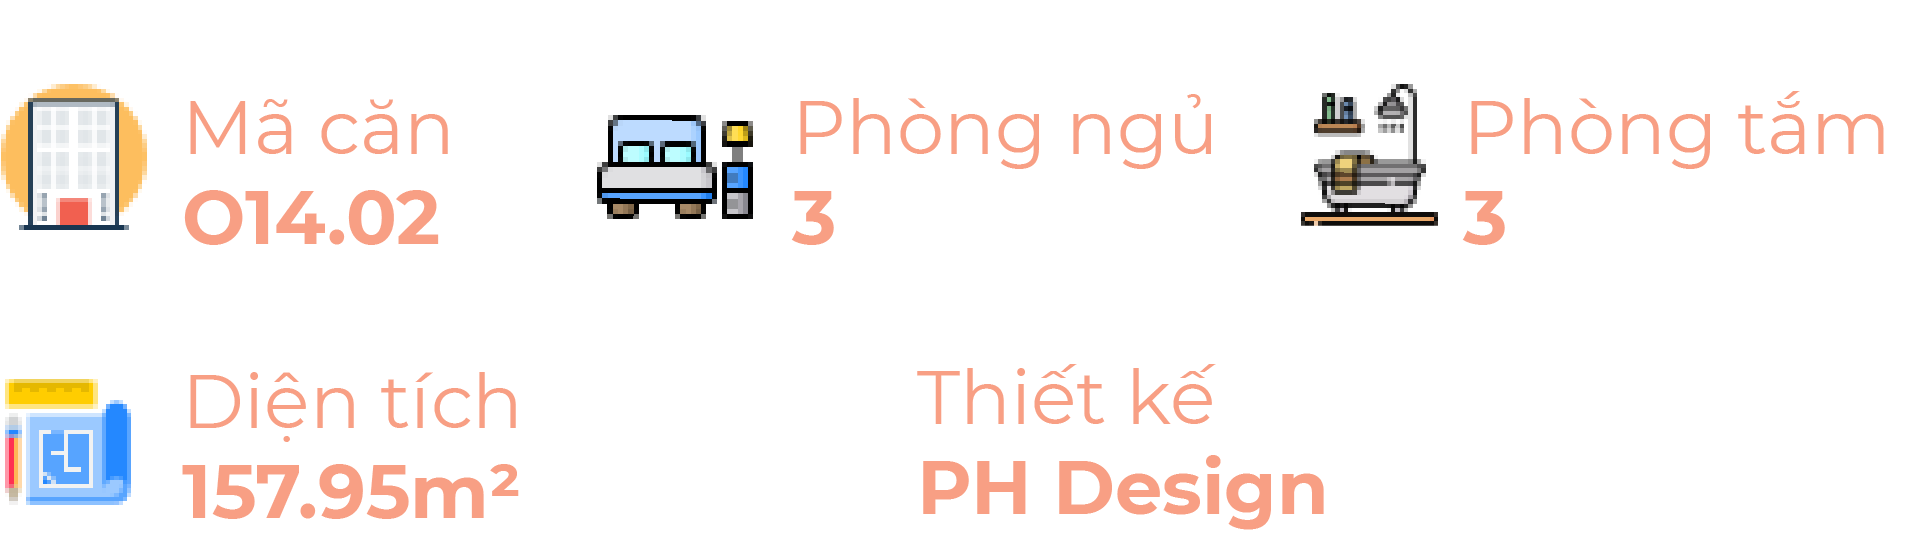 ph-design